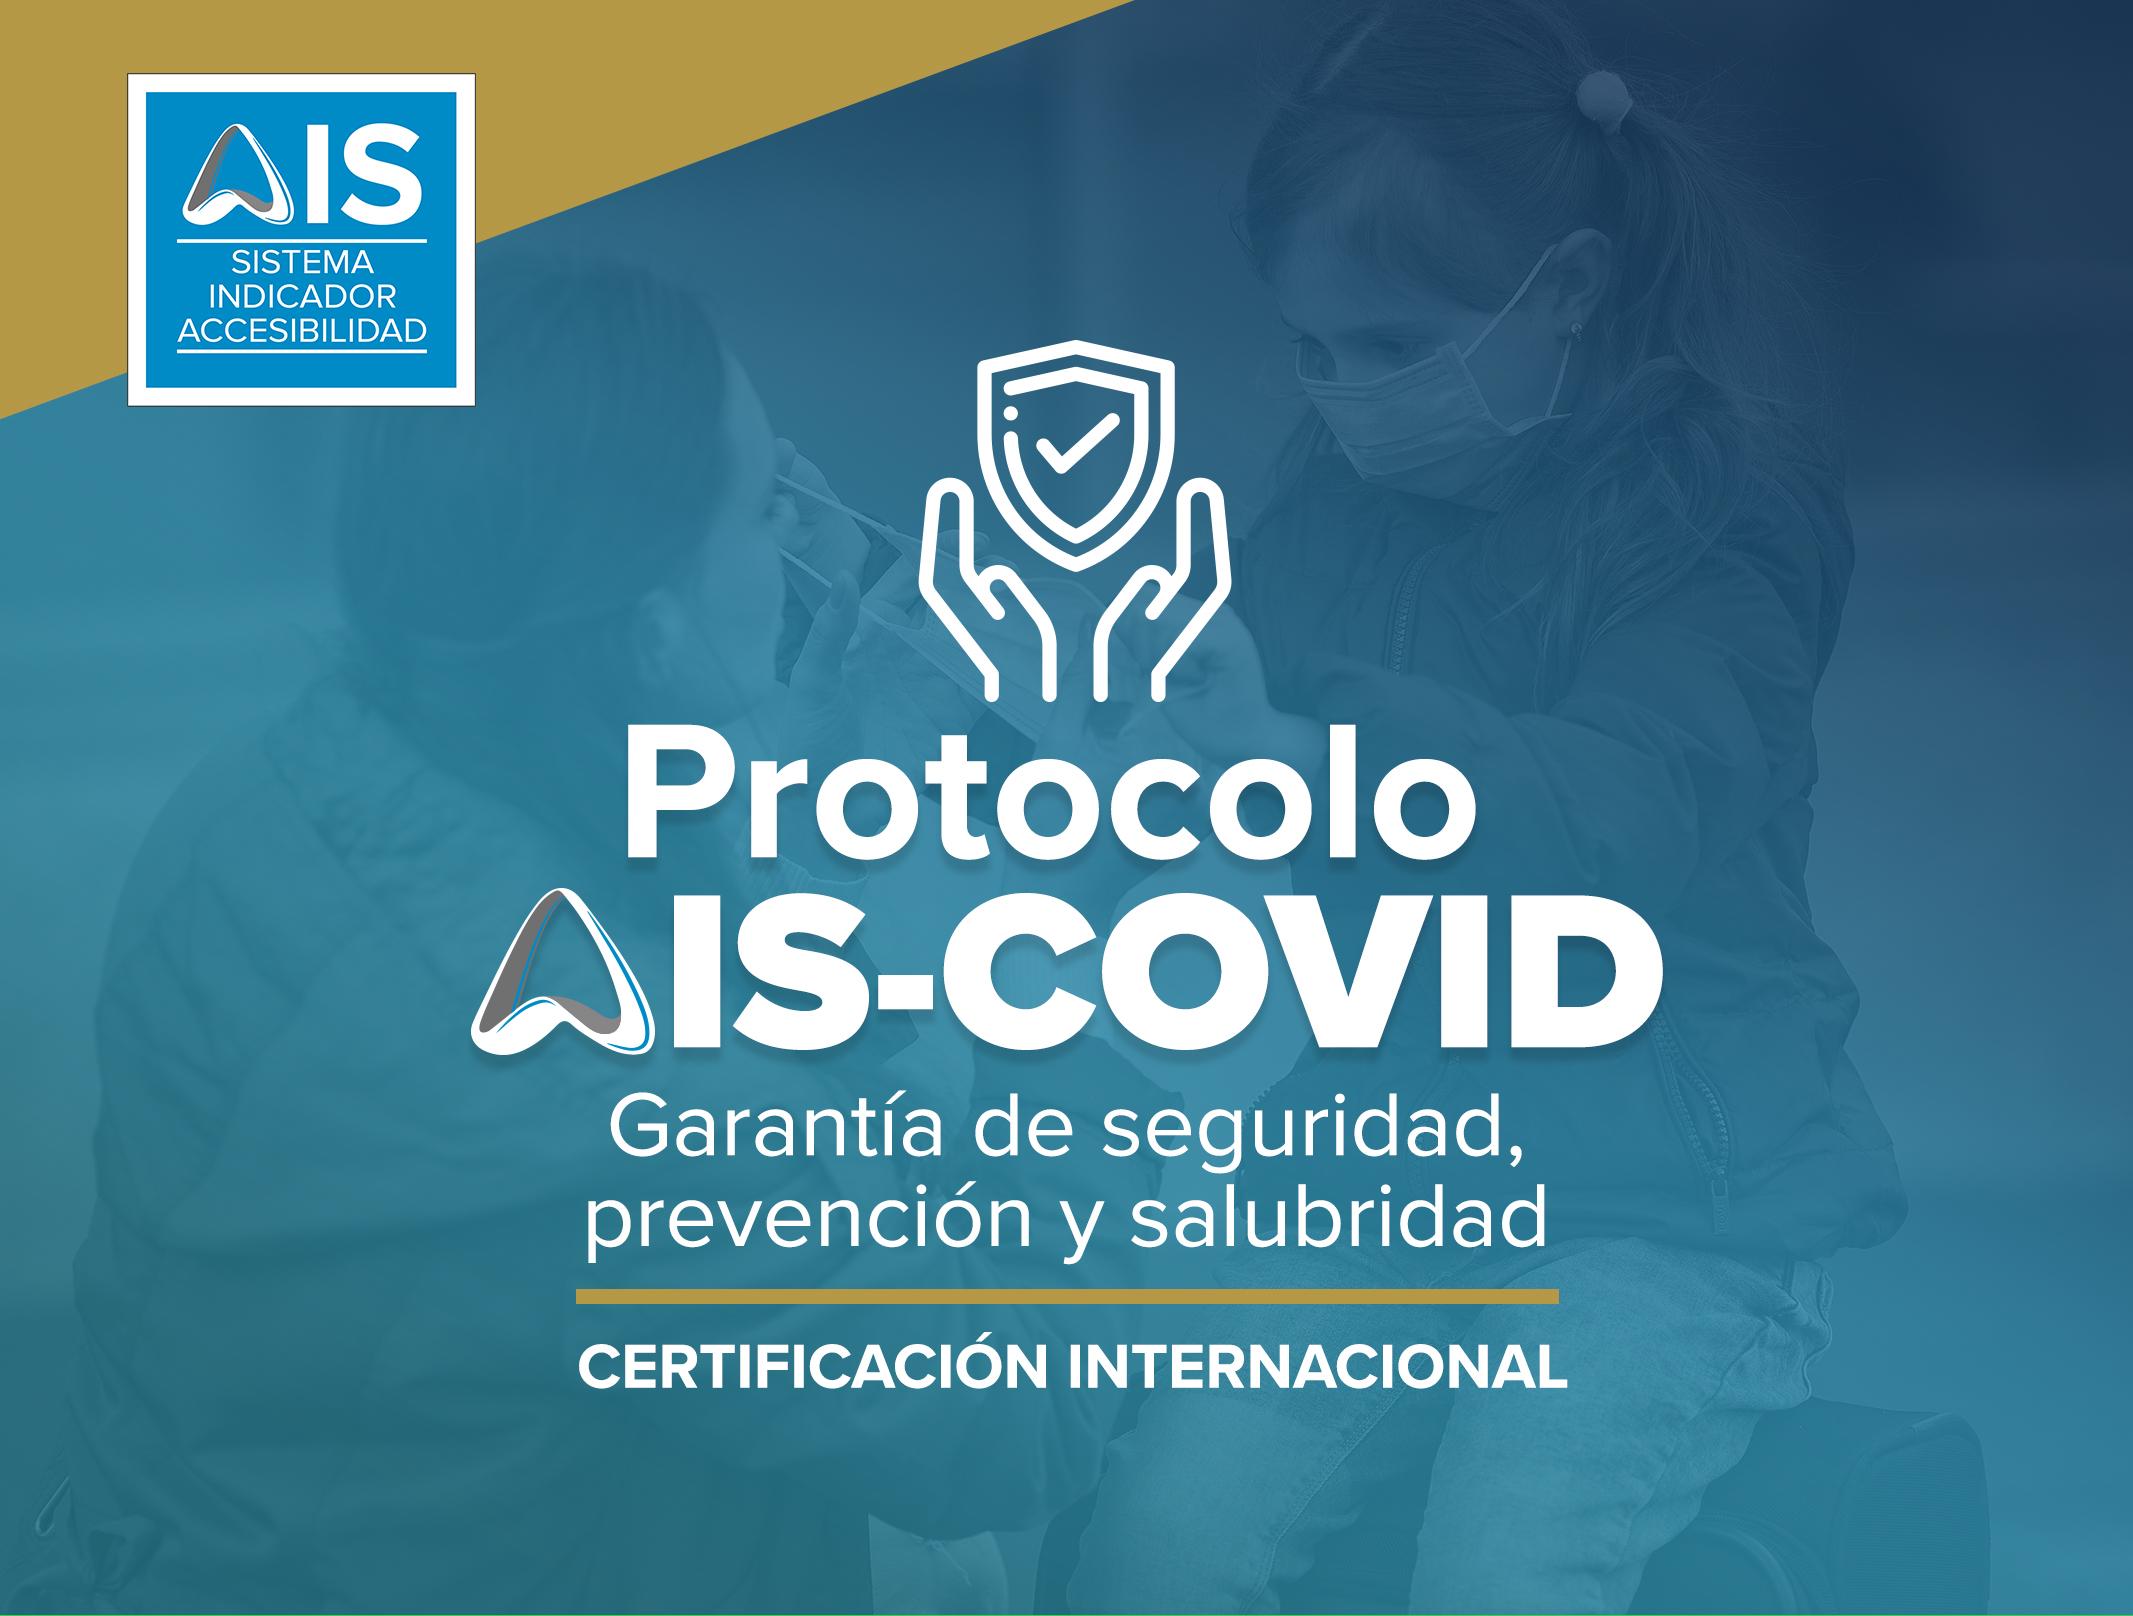 Imagen de recurso sobre el Protocolo